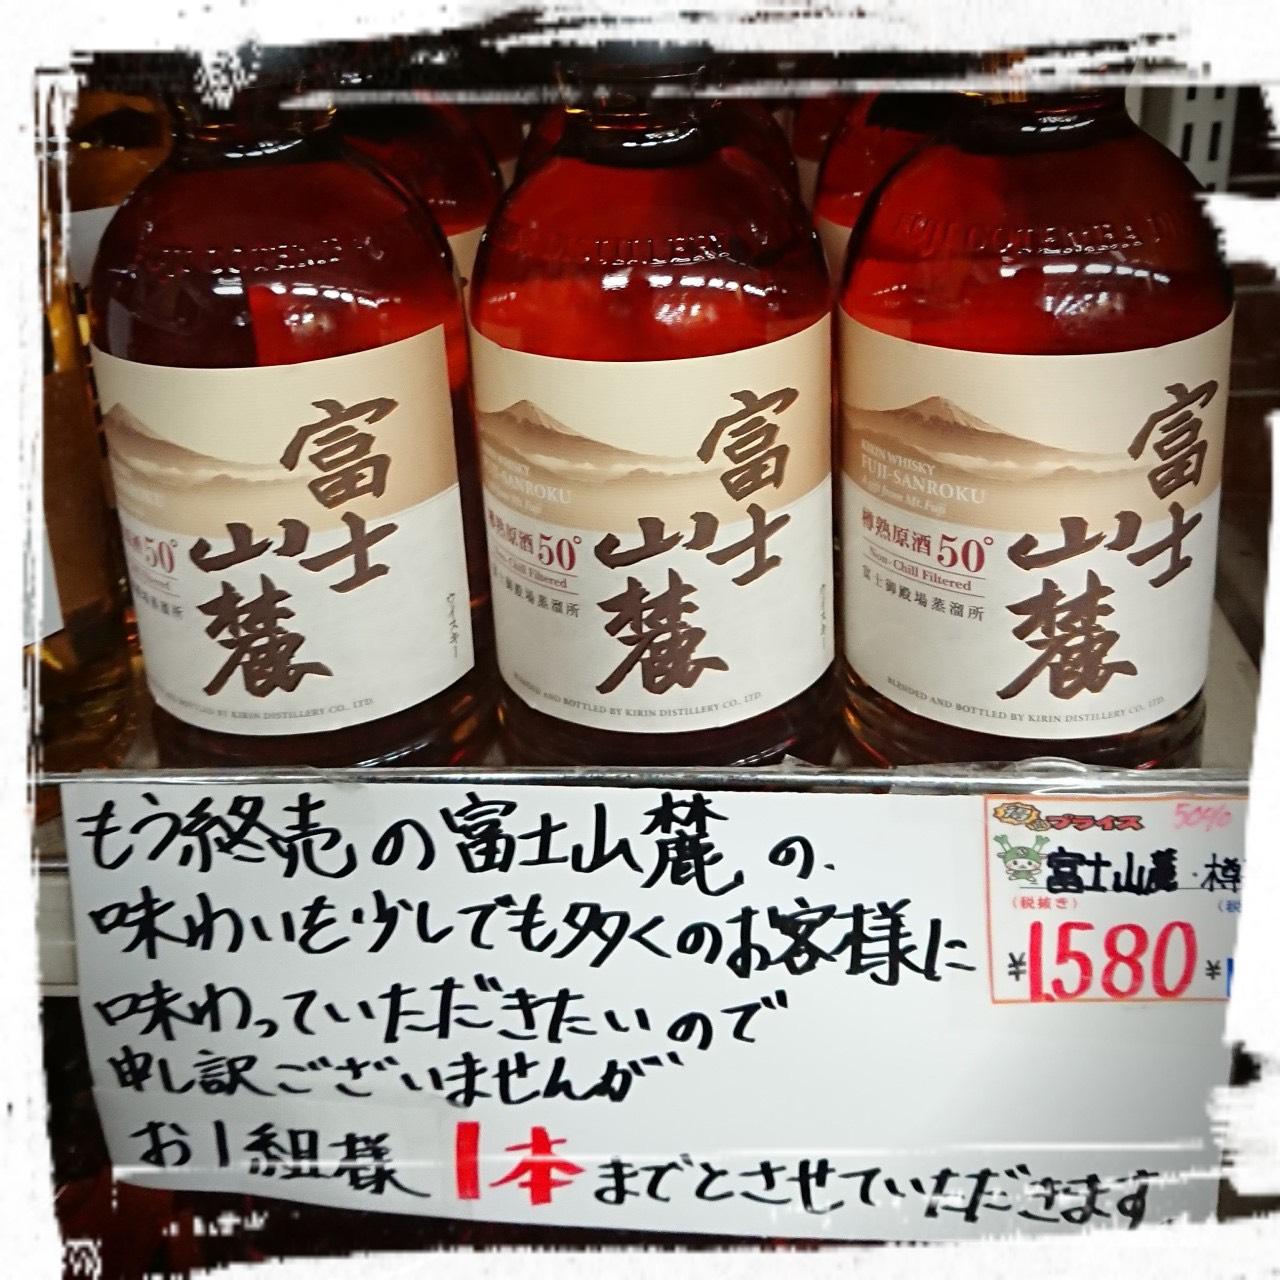 富士山麓 樽熟原酒50°